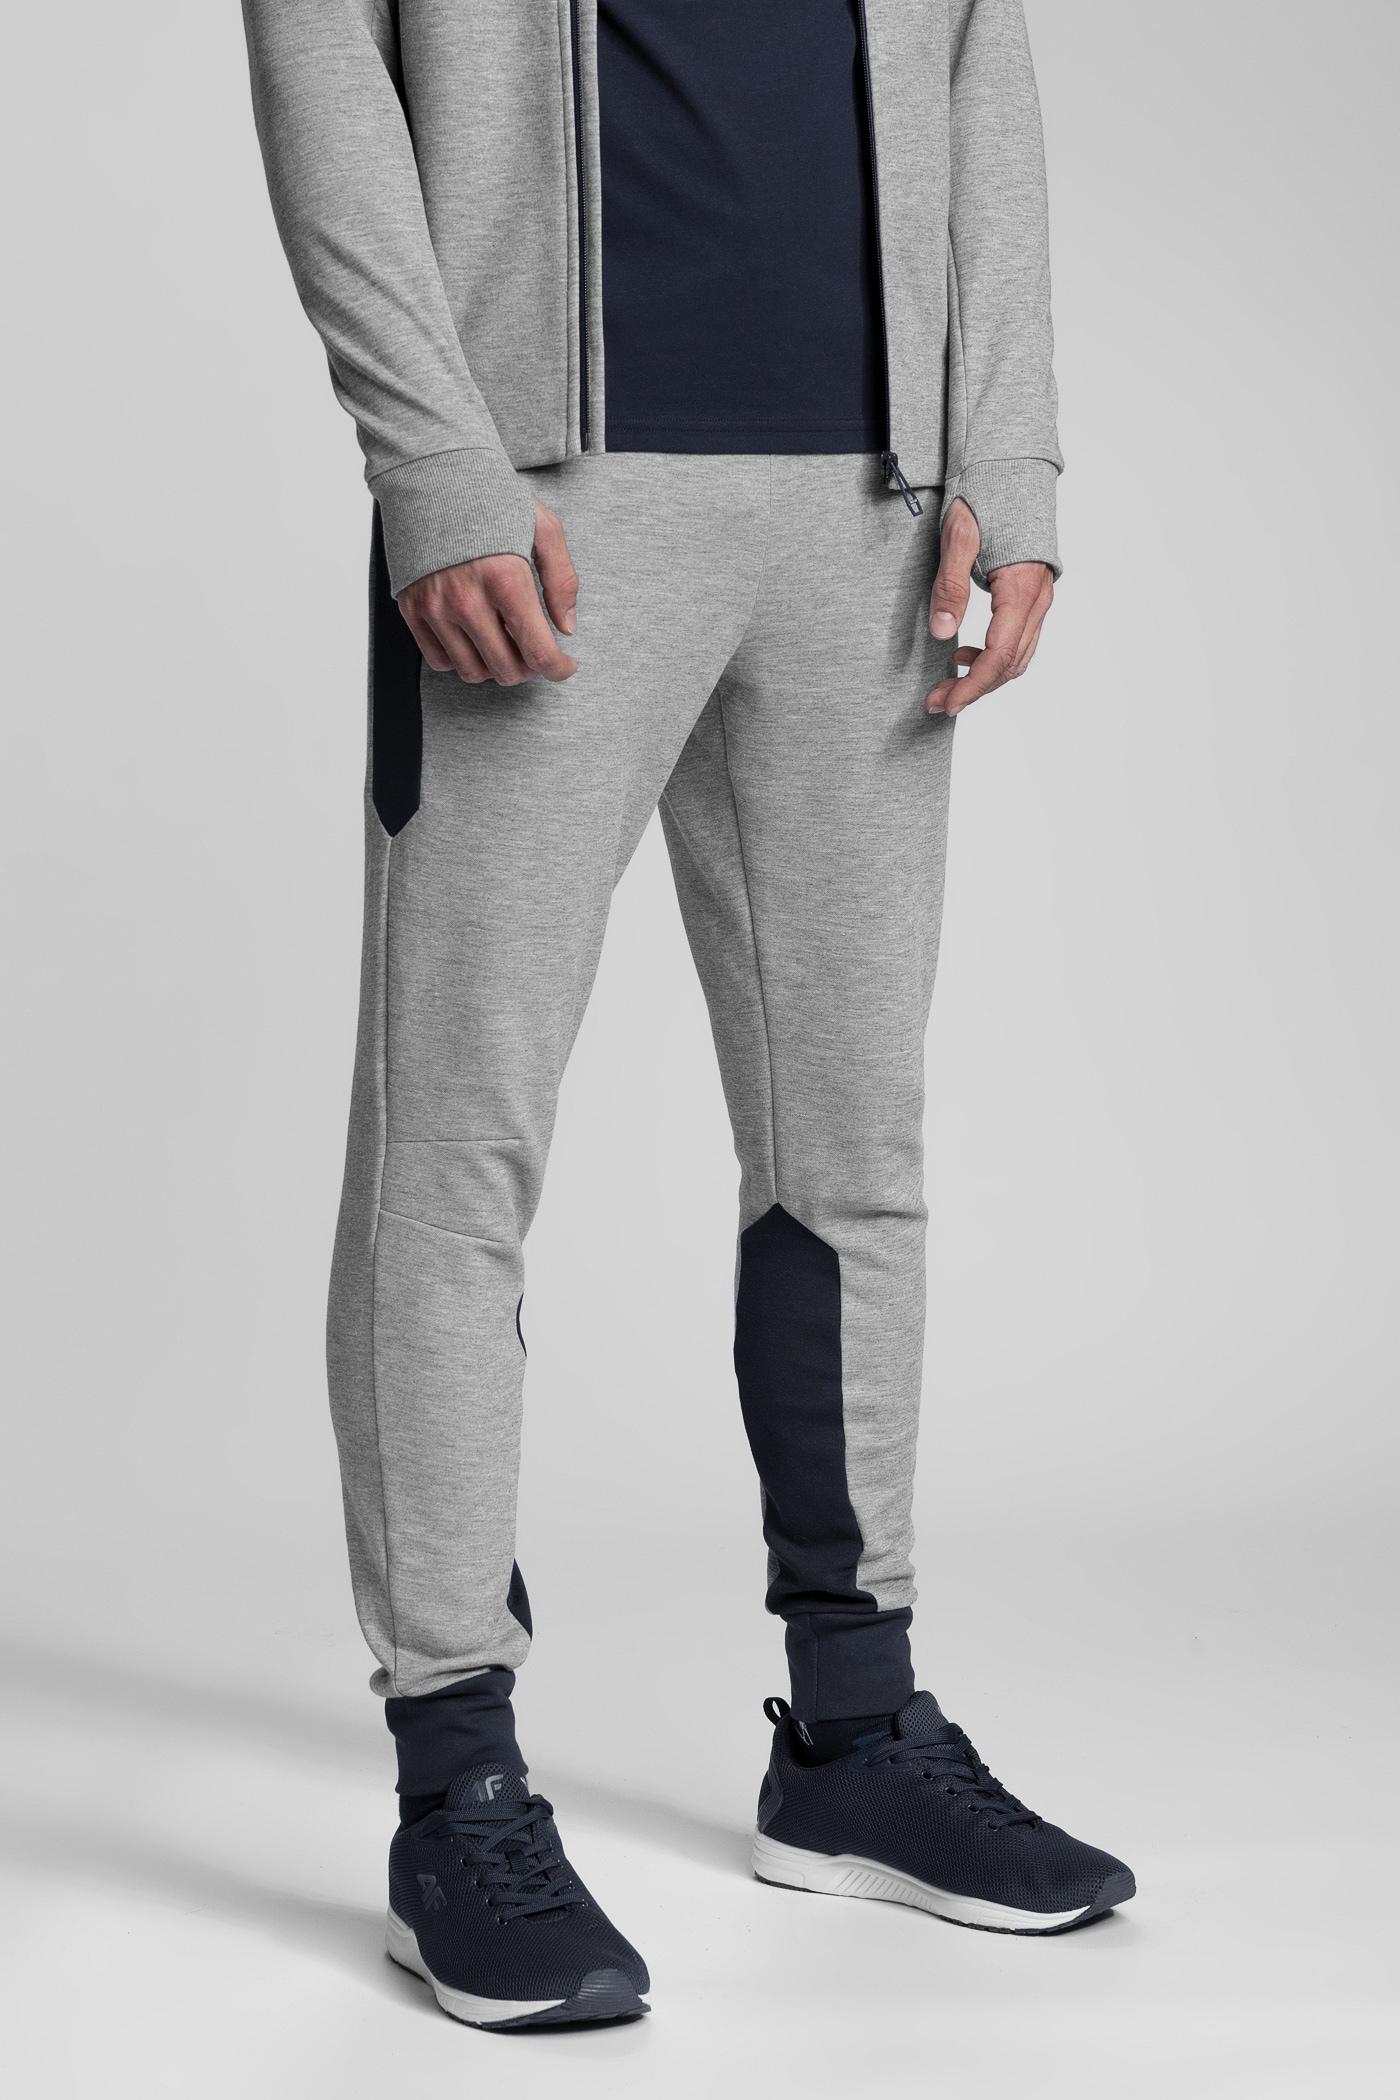 e36f4a9ac420 Kupić.pl - 4F - Spodnie dresowe męskie SPMD302 - głęboka czerń melanż